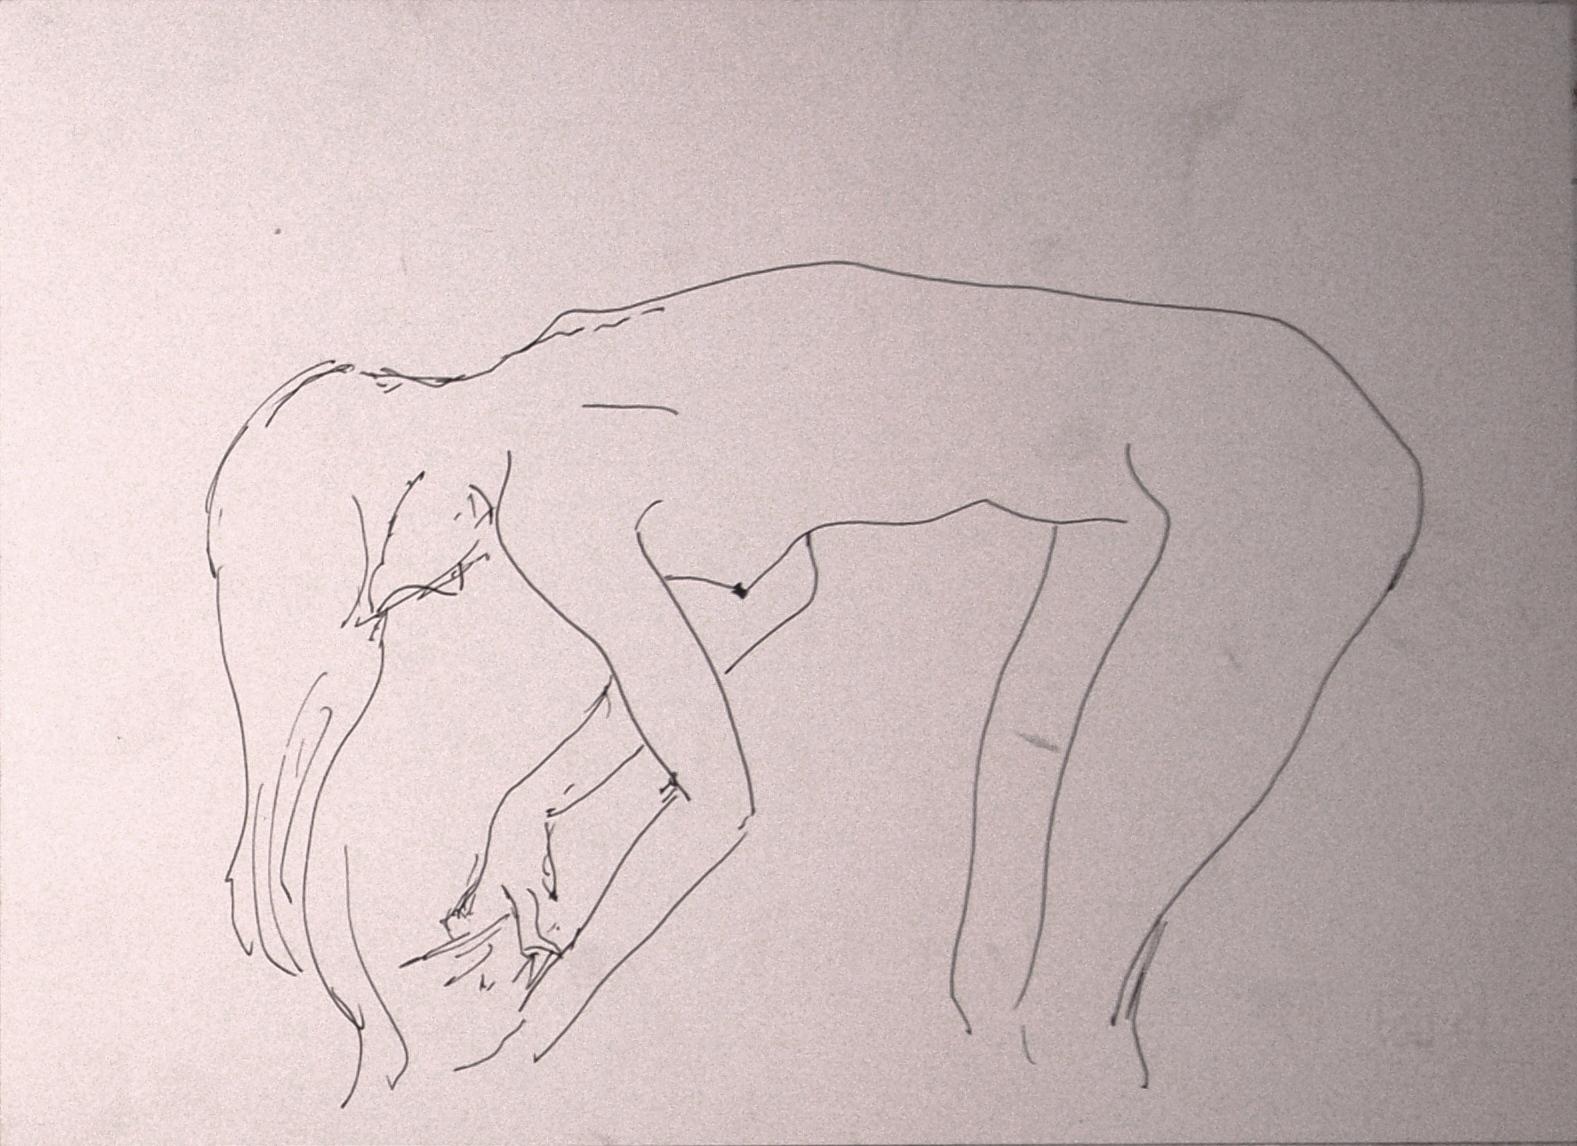 armando-prieto-perez-disegno-nudo-femminile-armando-prieto-perez-disegno-nudo-femminile